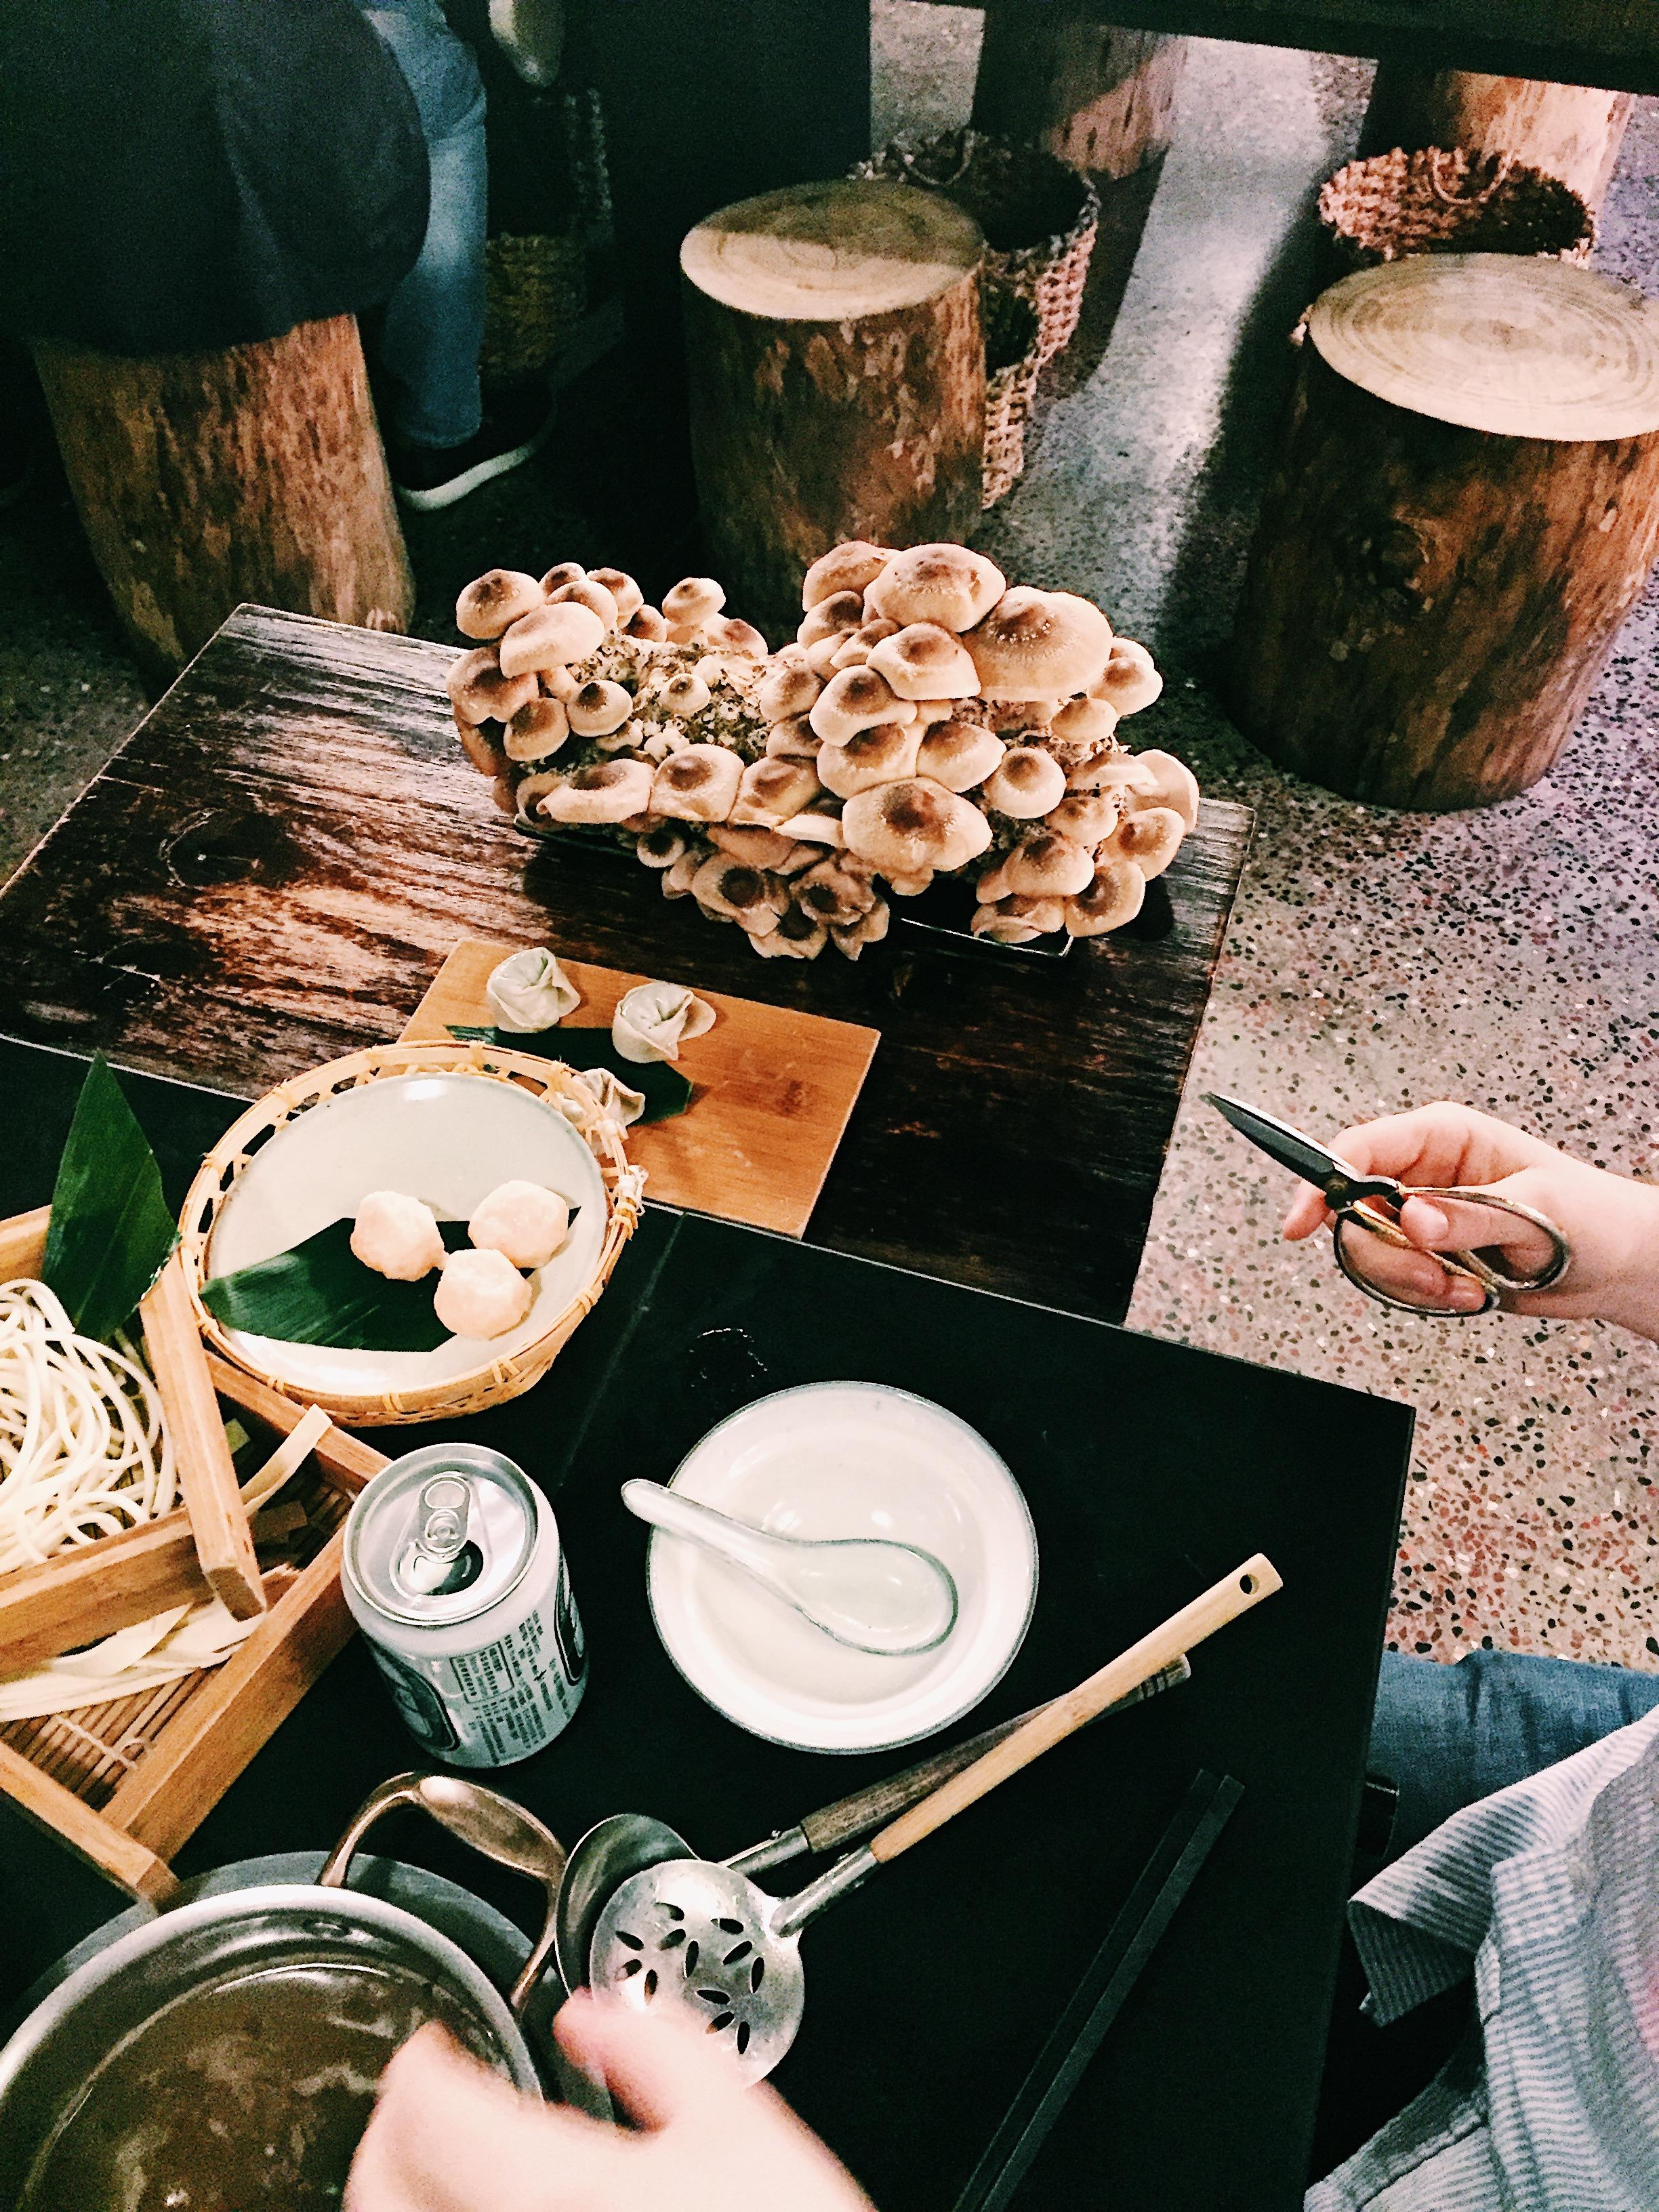 Copy of Mushrooms